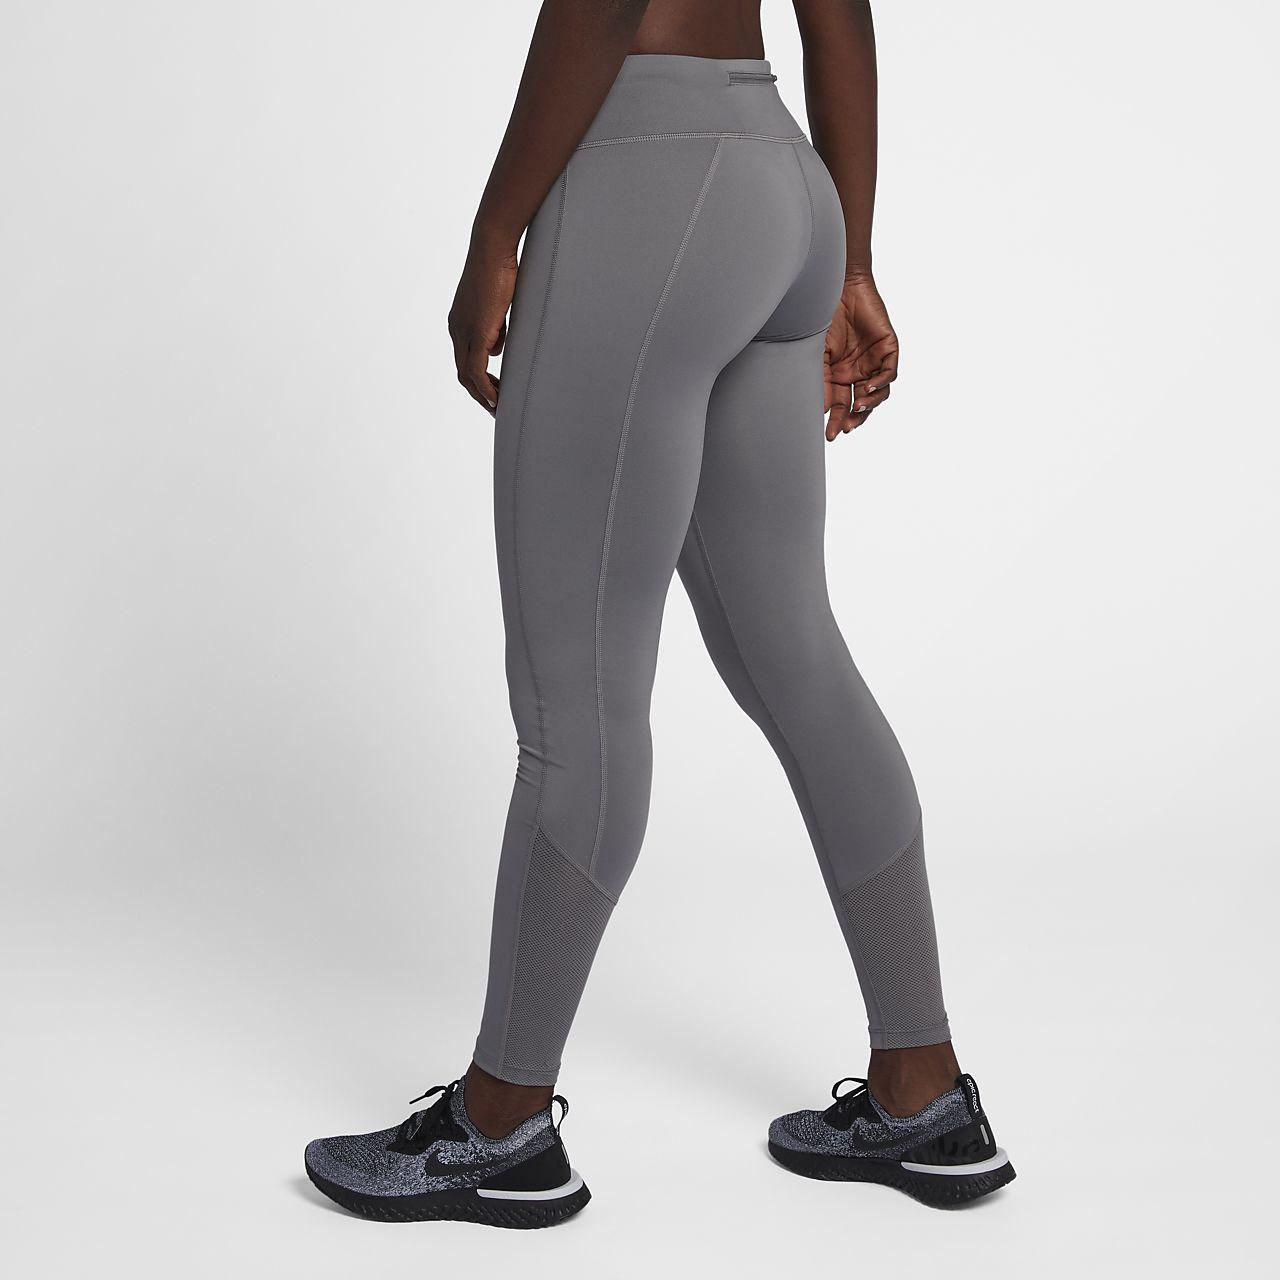 กางเกงวิ่งรัดรูปผู้หญิง Nike Racer